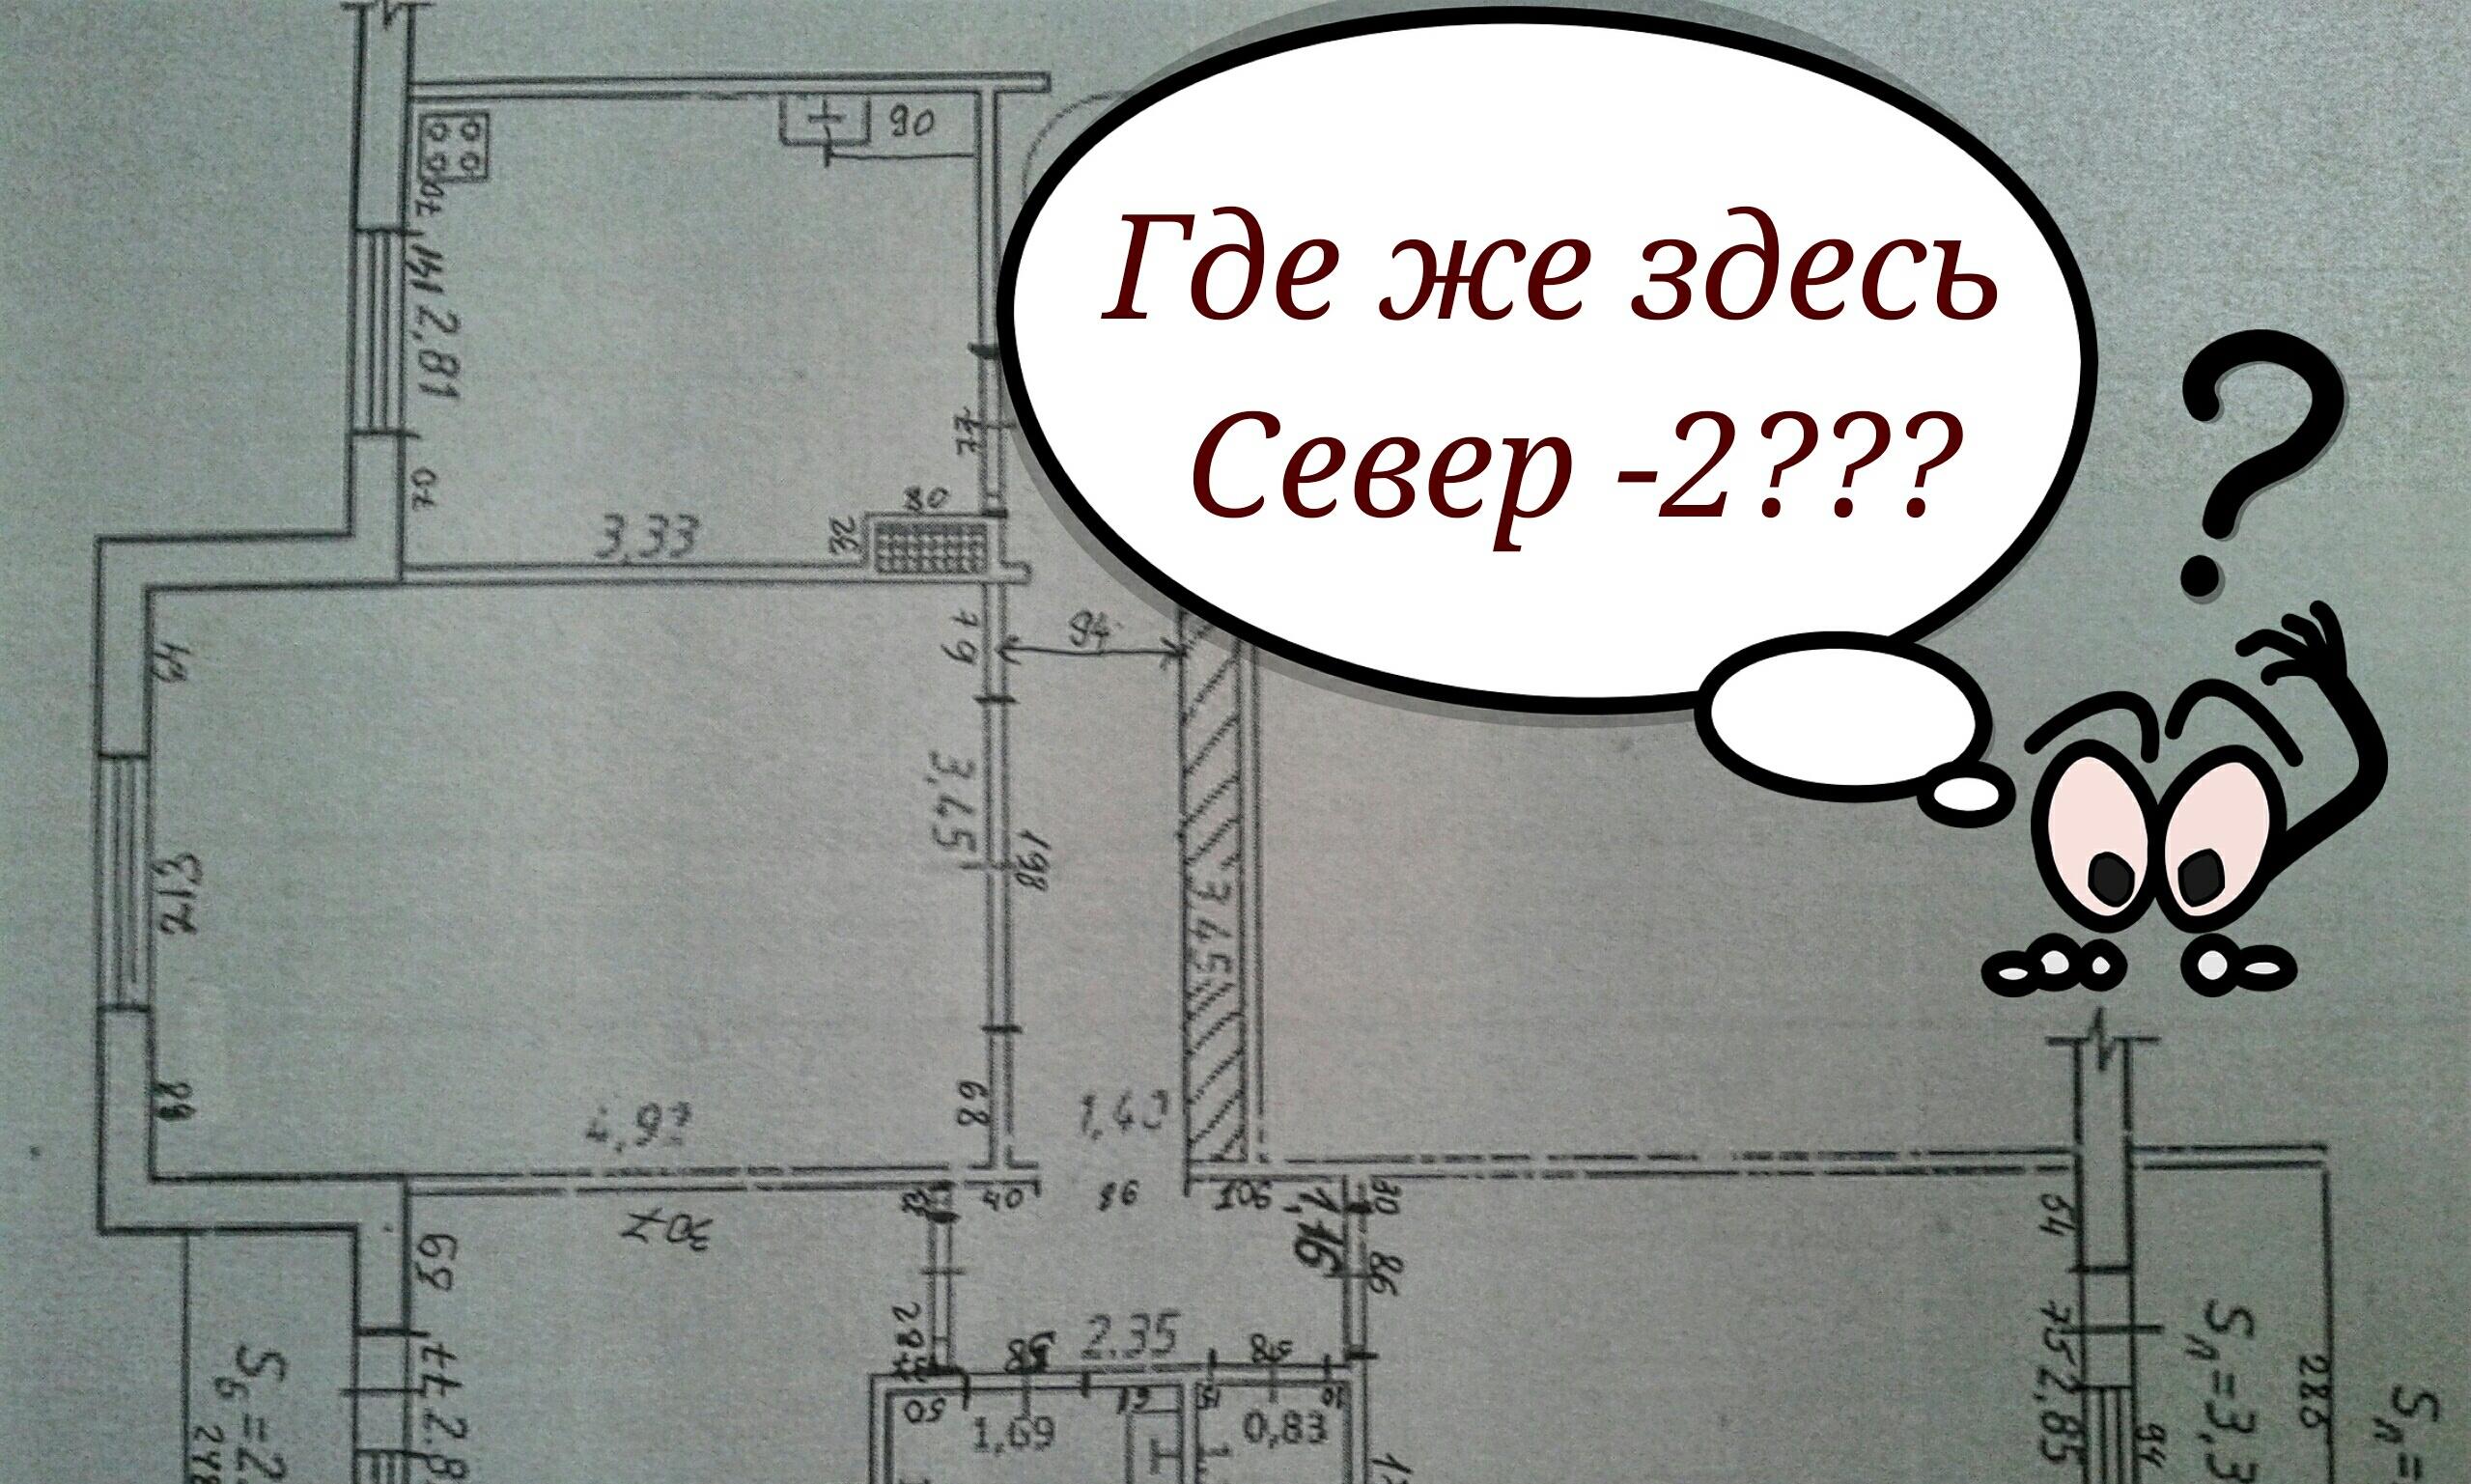 1DD5DE75-B4A1-4B56-88ED-0C472F5B6837